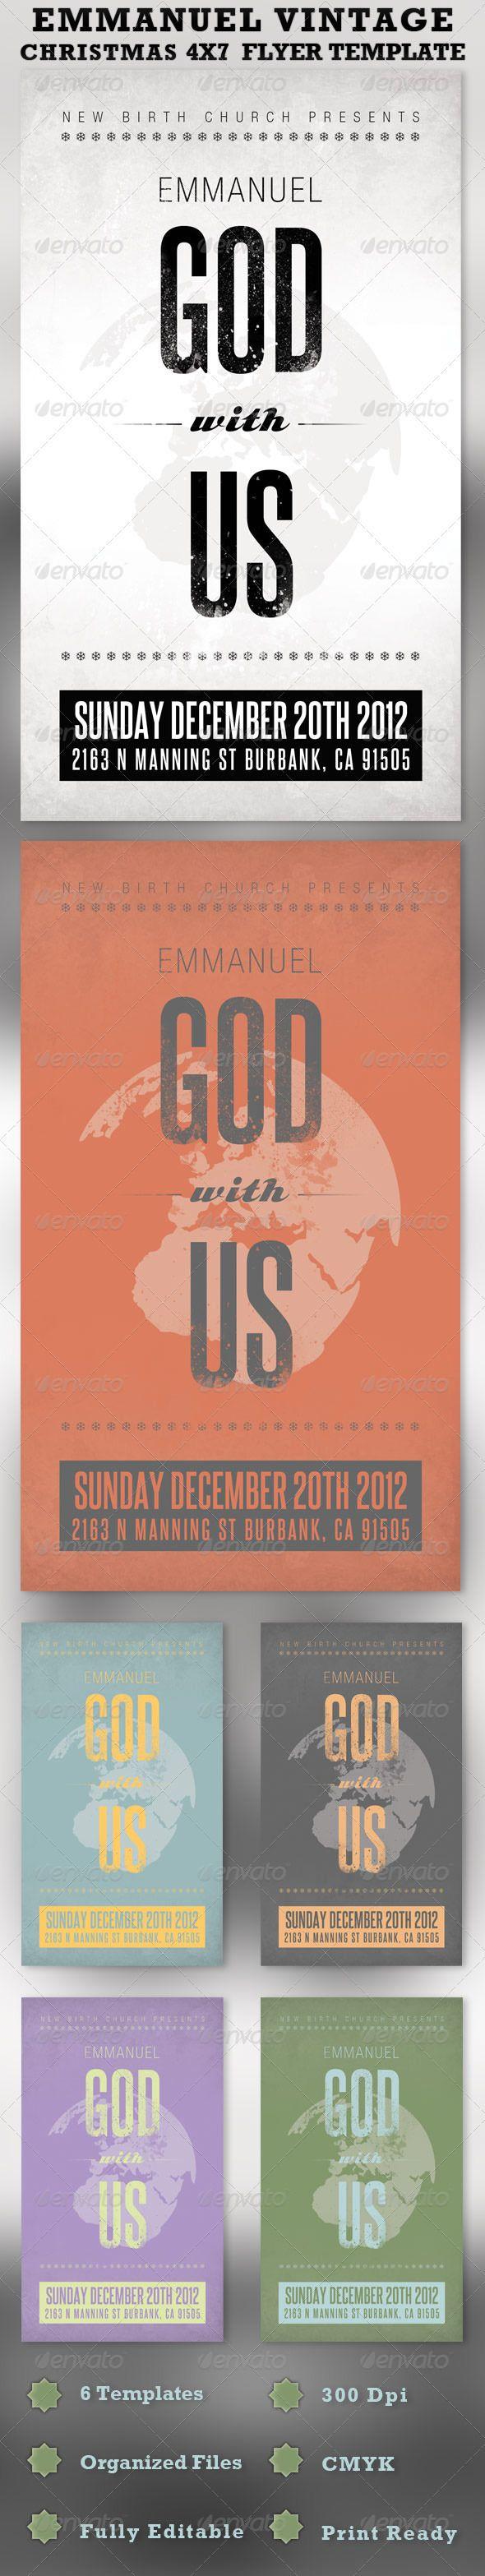 top 25 ideas about media faith church psd flyer emmanuel christmas church flyer template